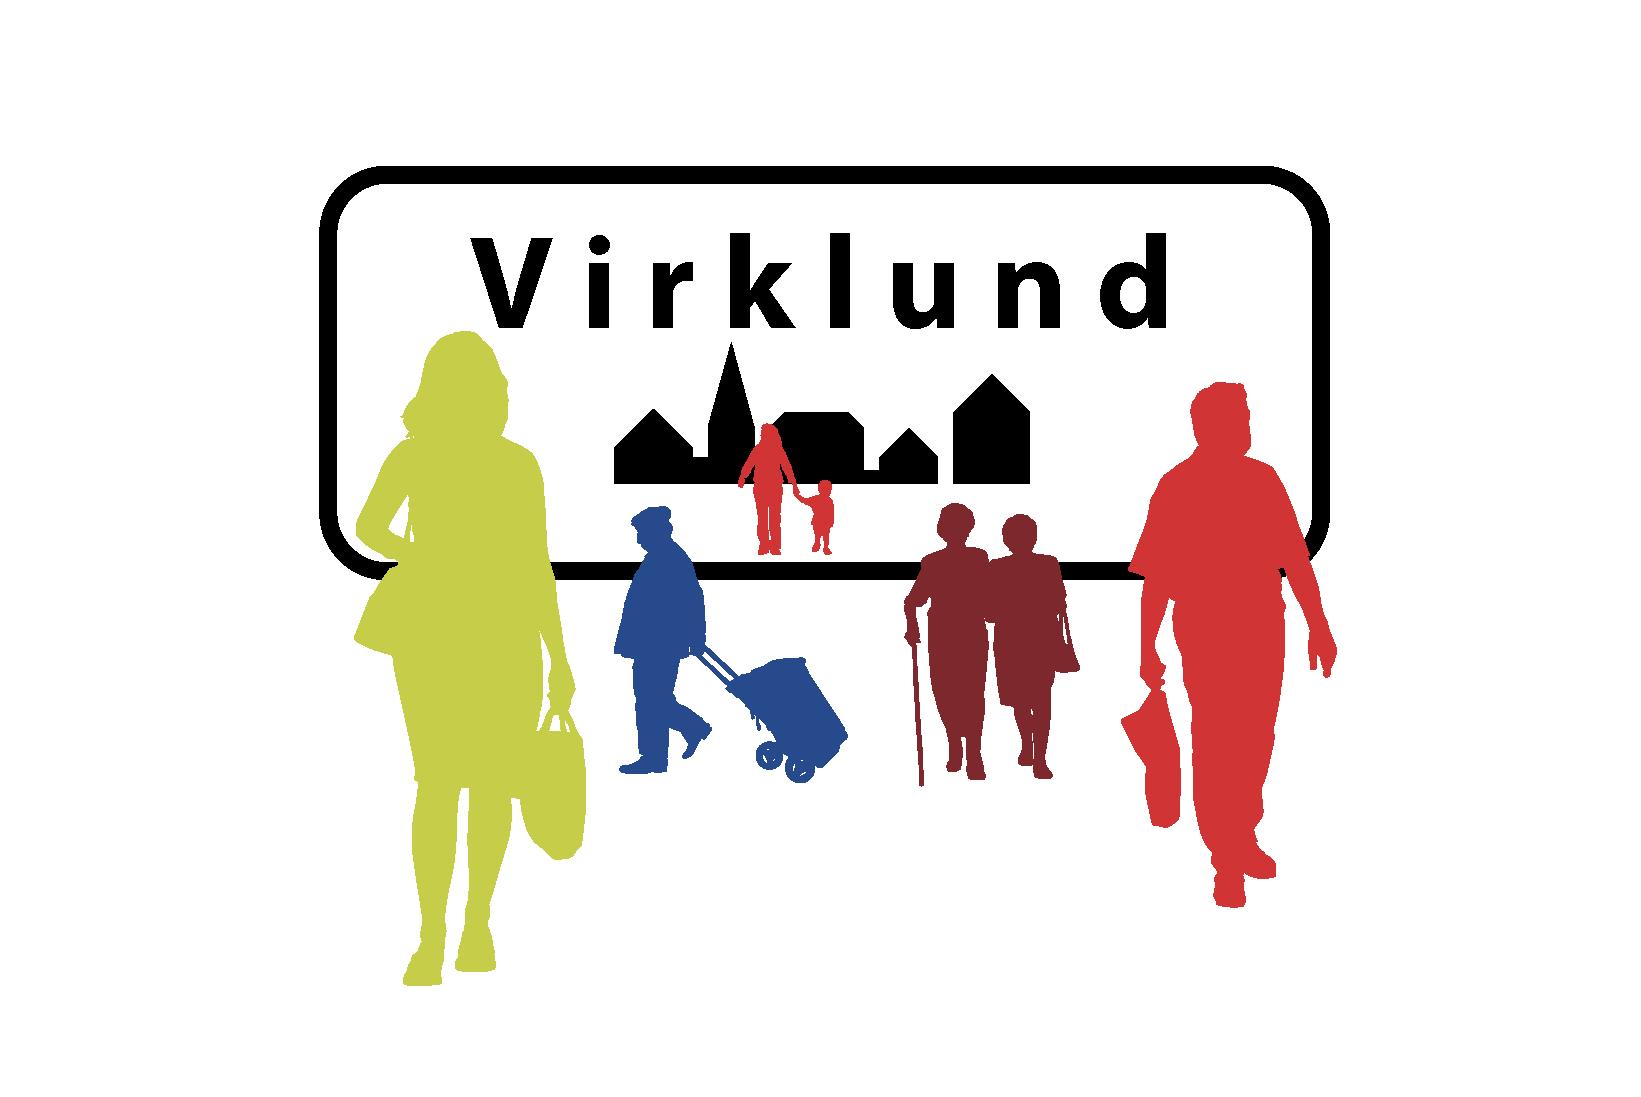 Debat om udvikling af detailhandlen i Virklund